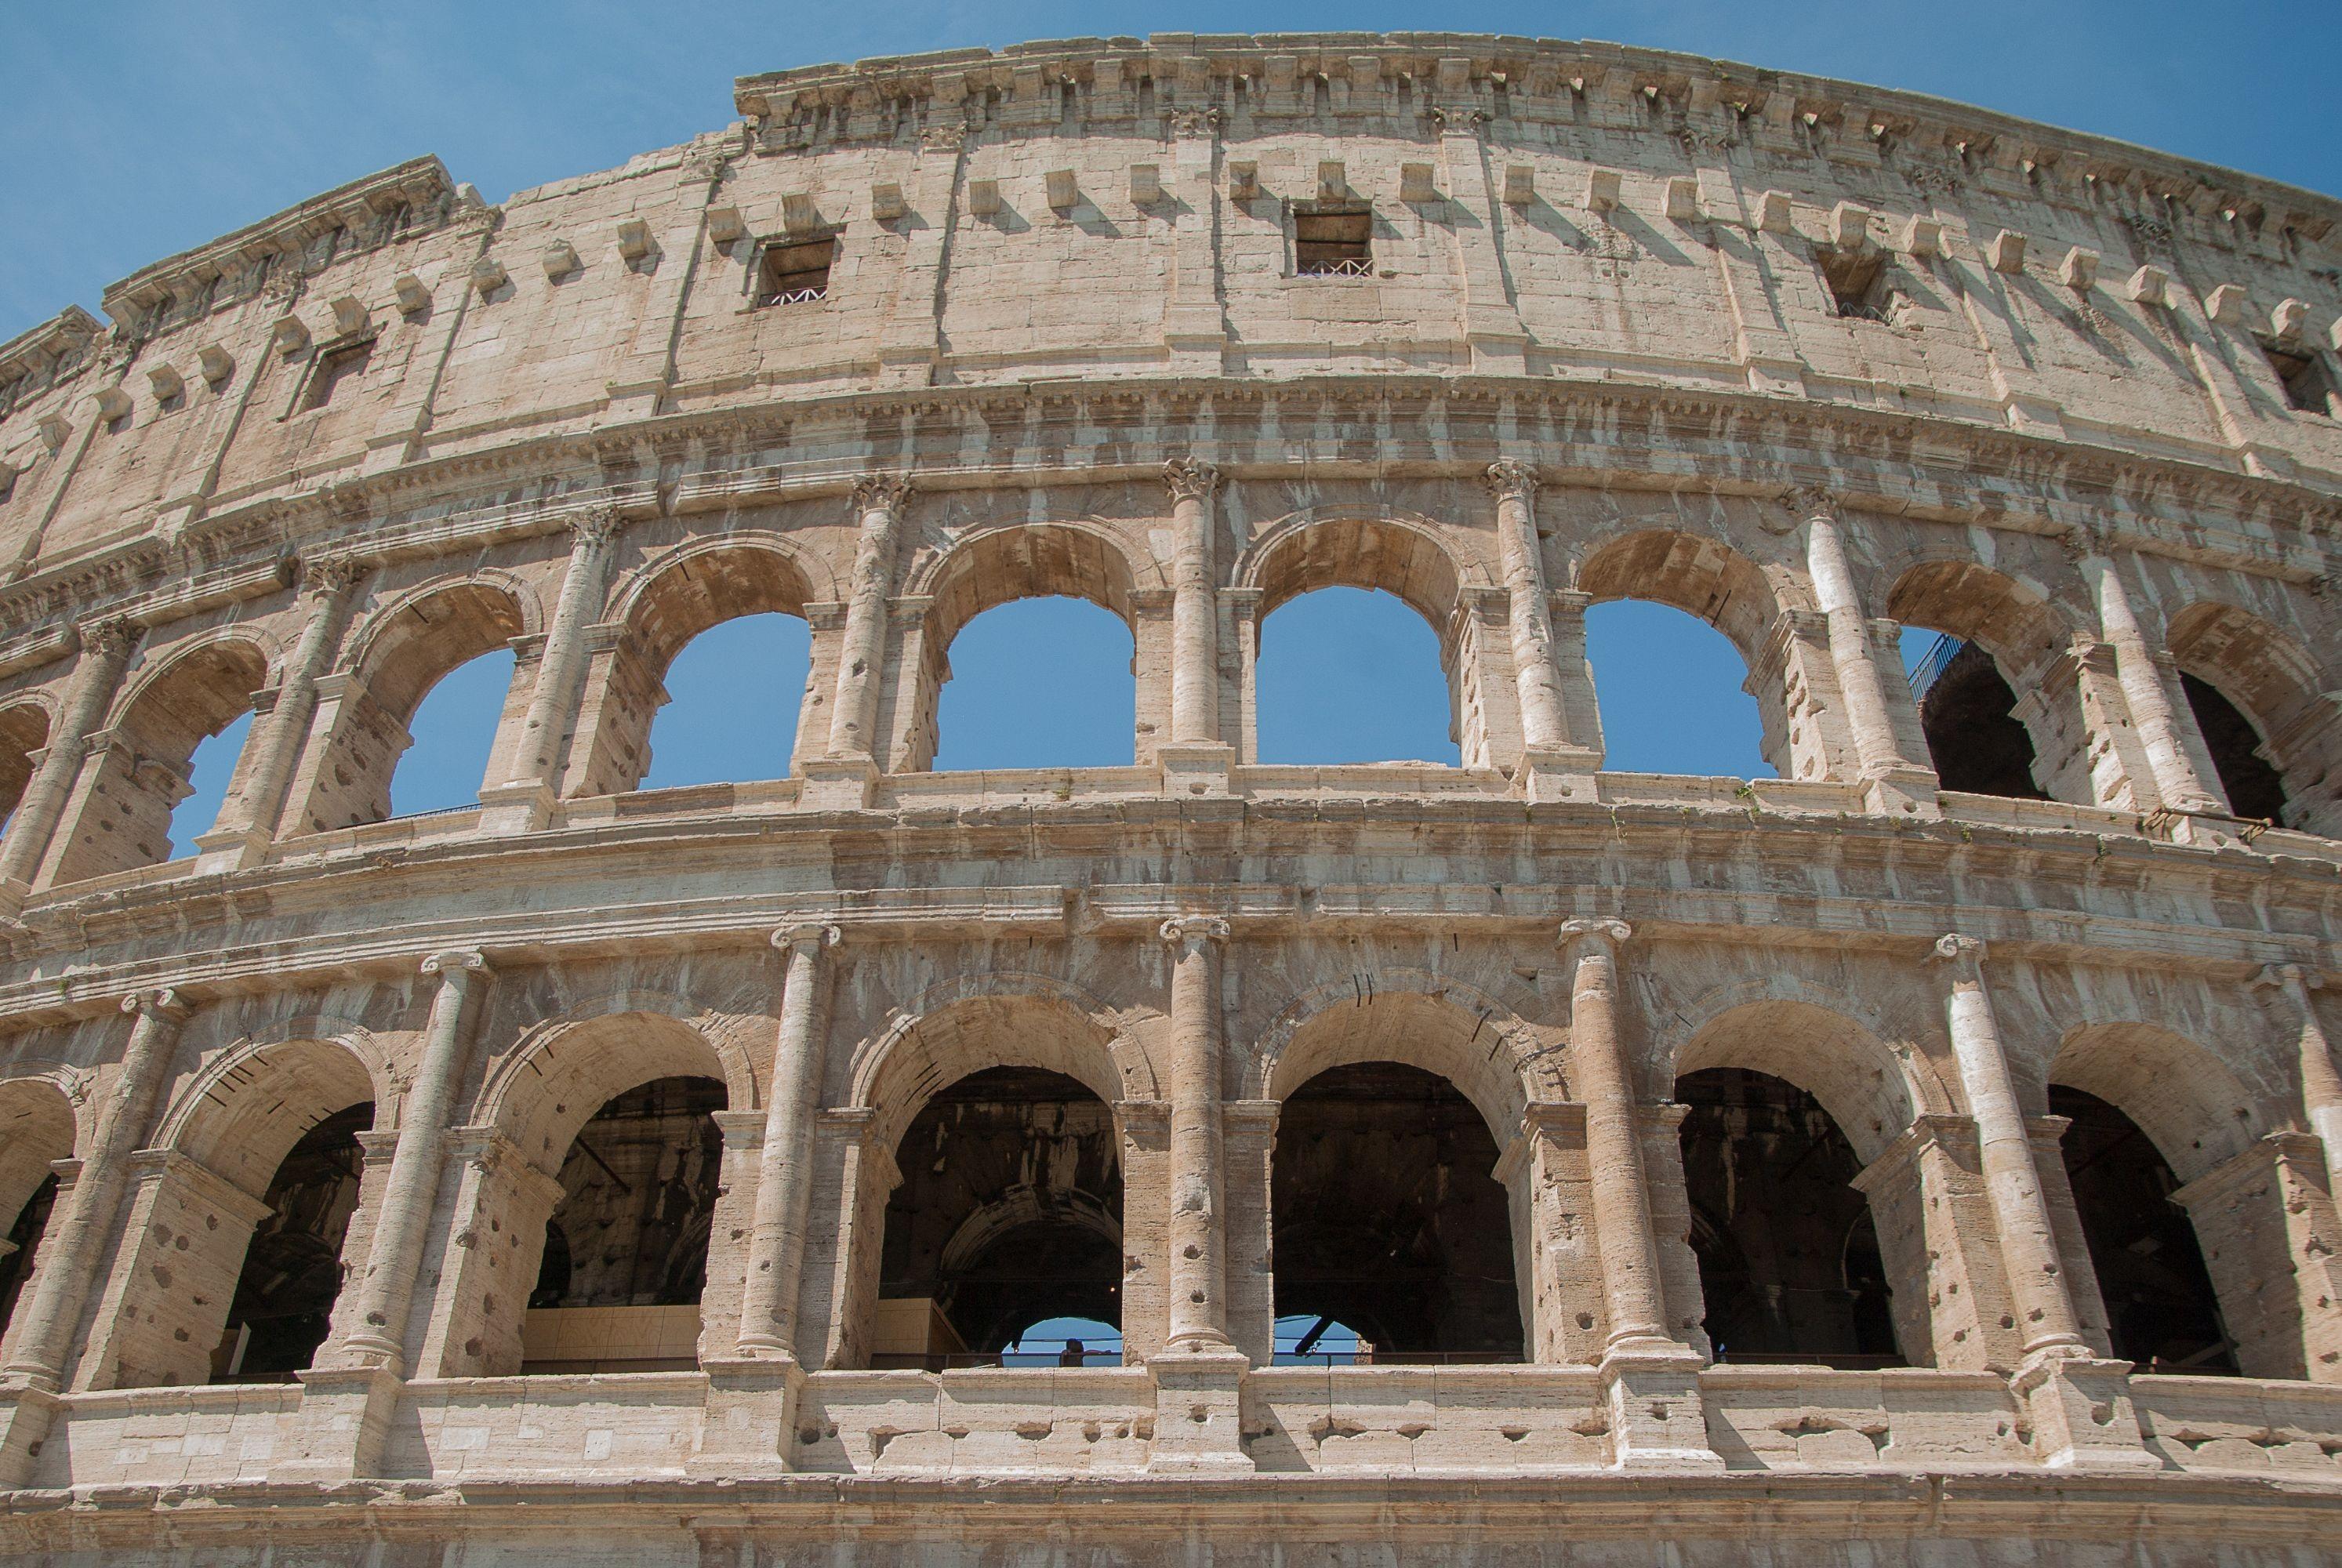 ... oder das Kolosseum in Rom.